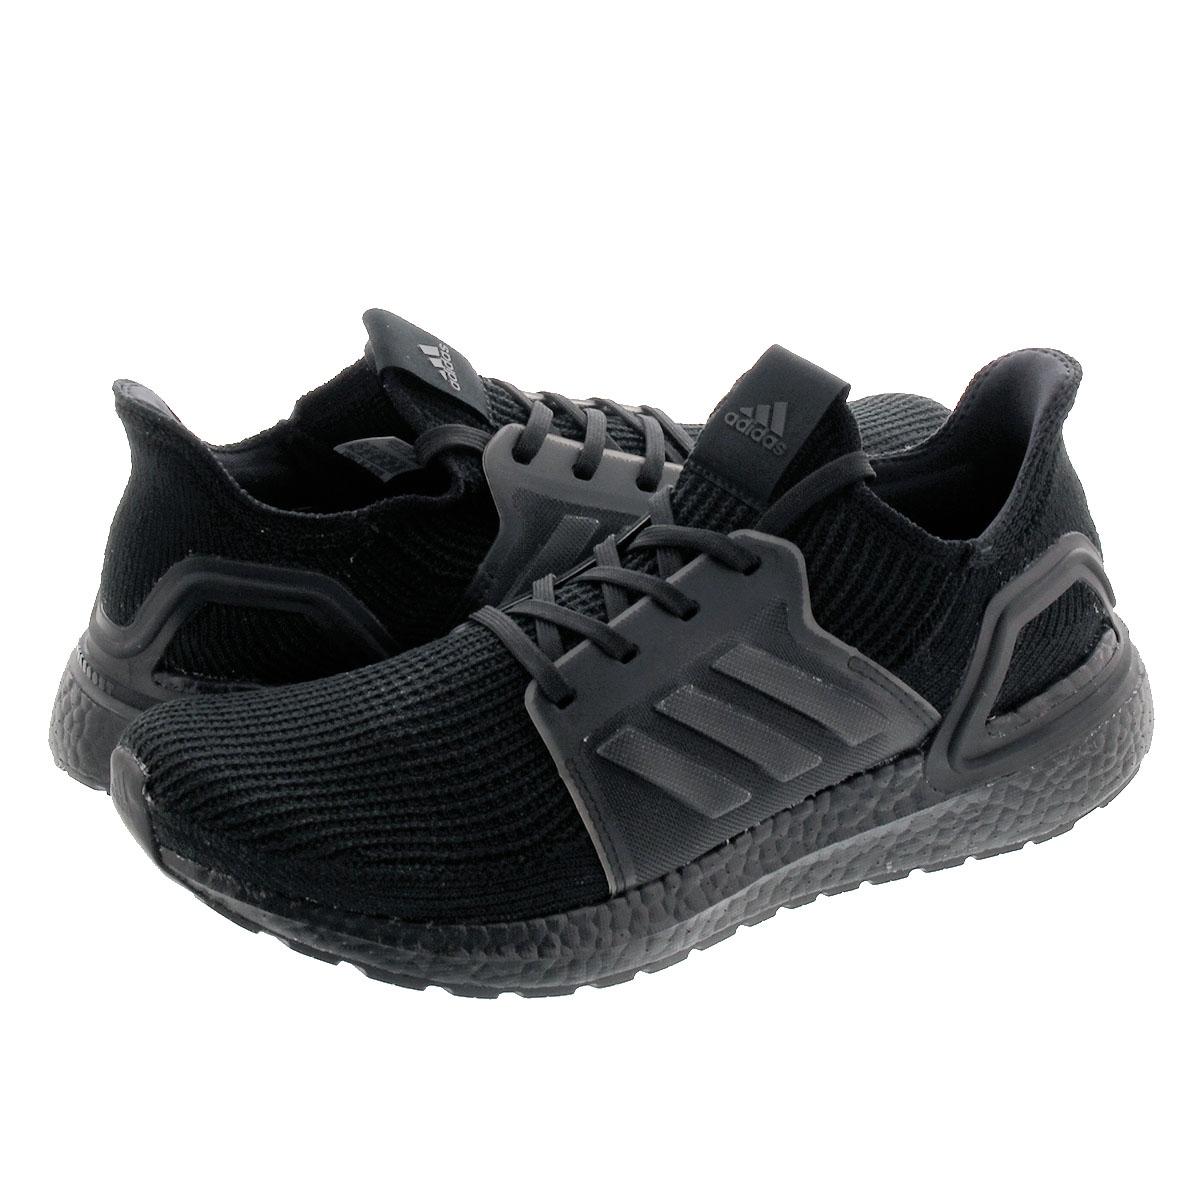 【毎日がお得!値下げプライス】 adidas ULTRA BOOST 19 アディダス ウルトラ ブースト 19 CORE BLACK/CORE BLACK/CORE BLACK g27508